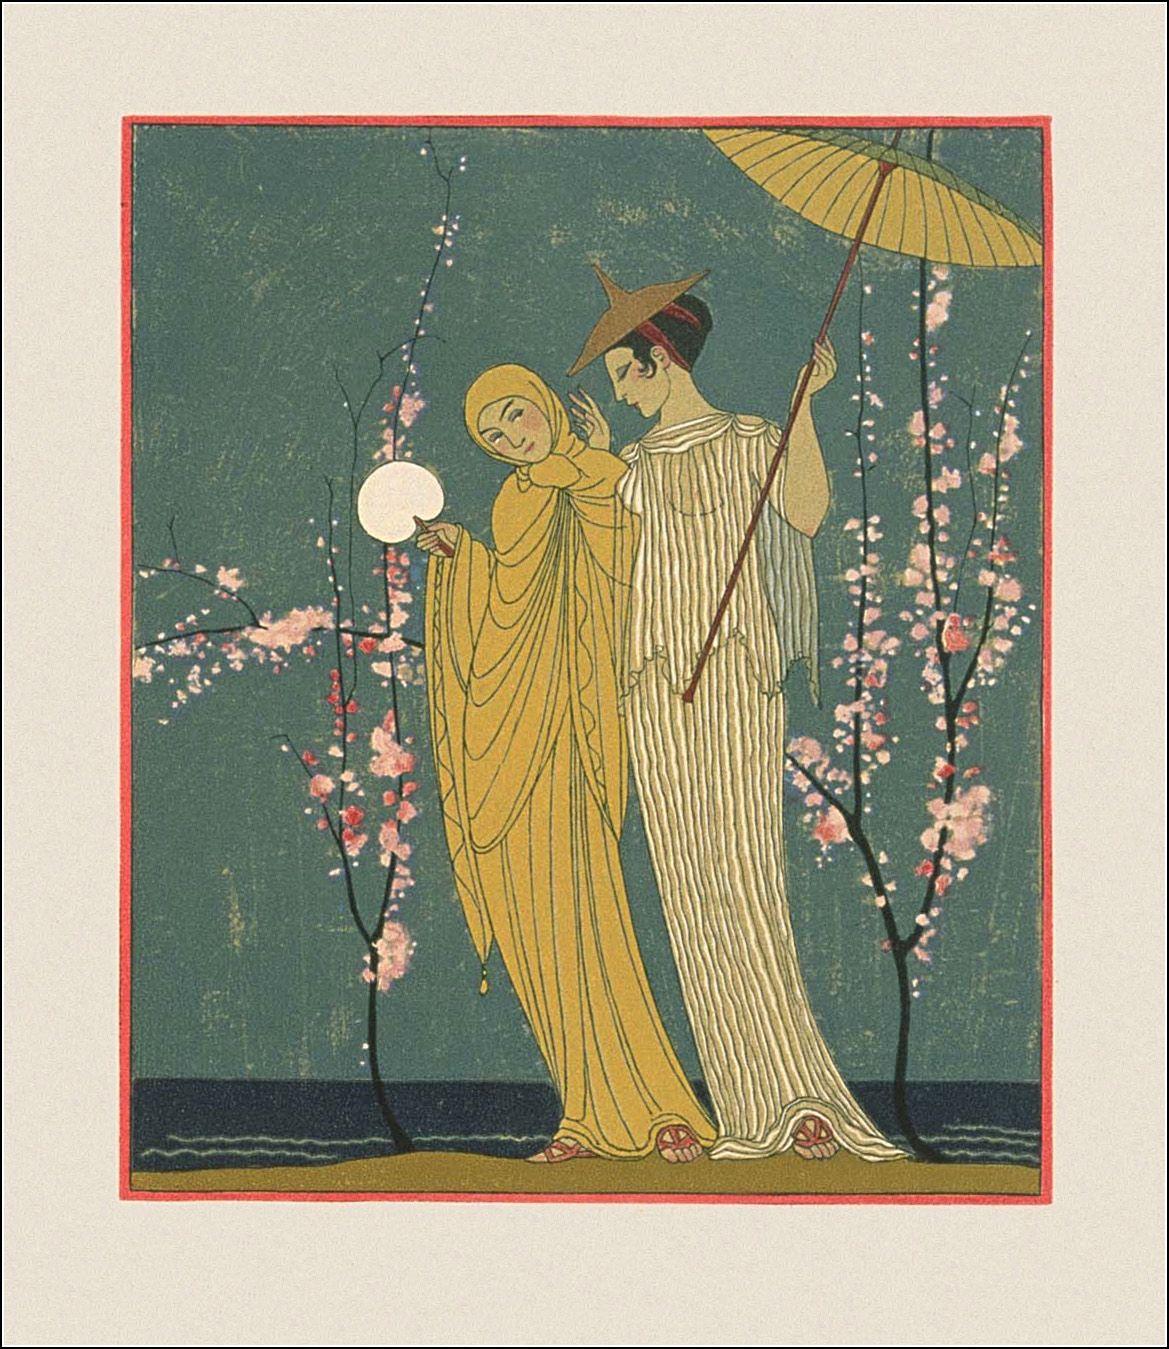 George Barbier Les Chansons De Bilitis Art Deco Illustration Art Art Deco Posters